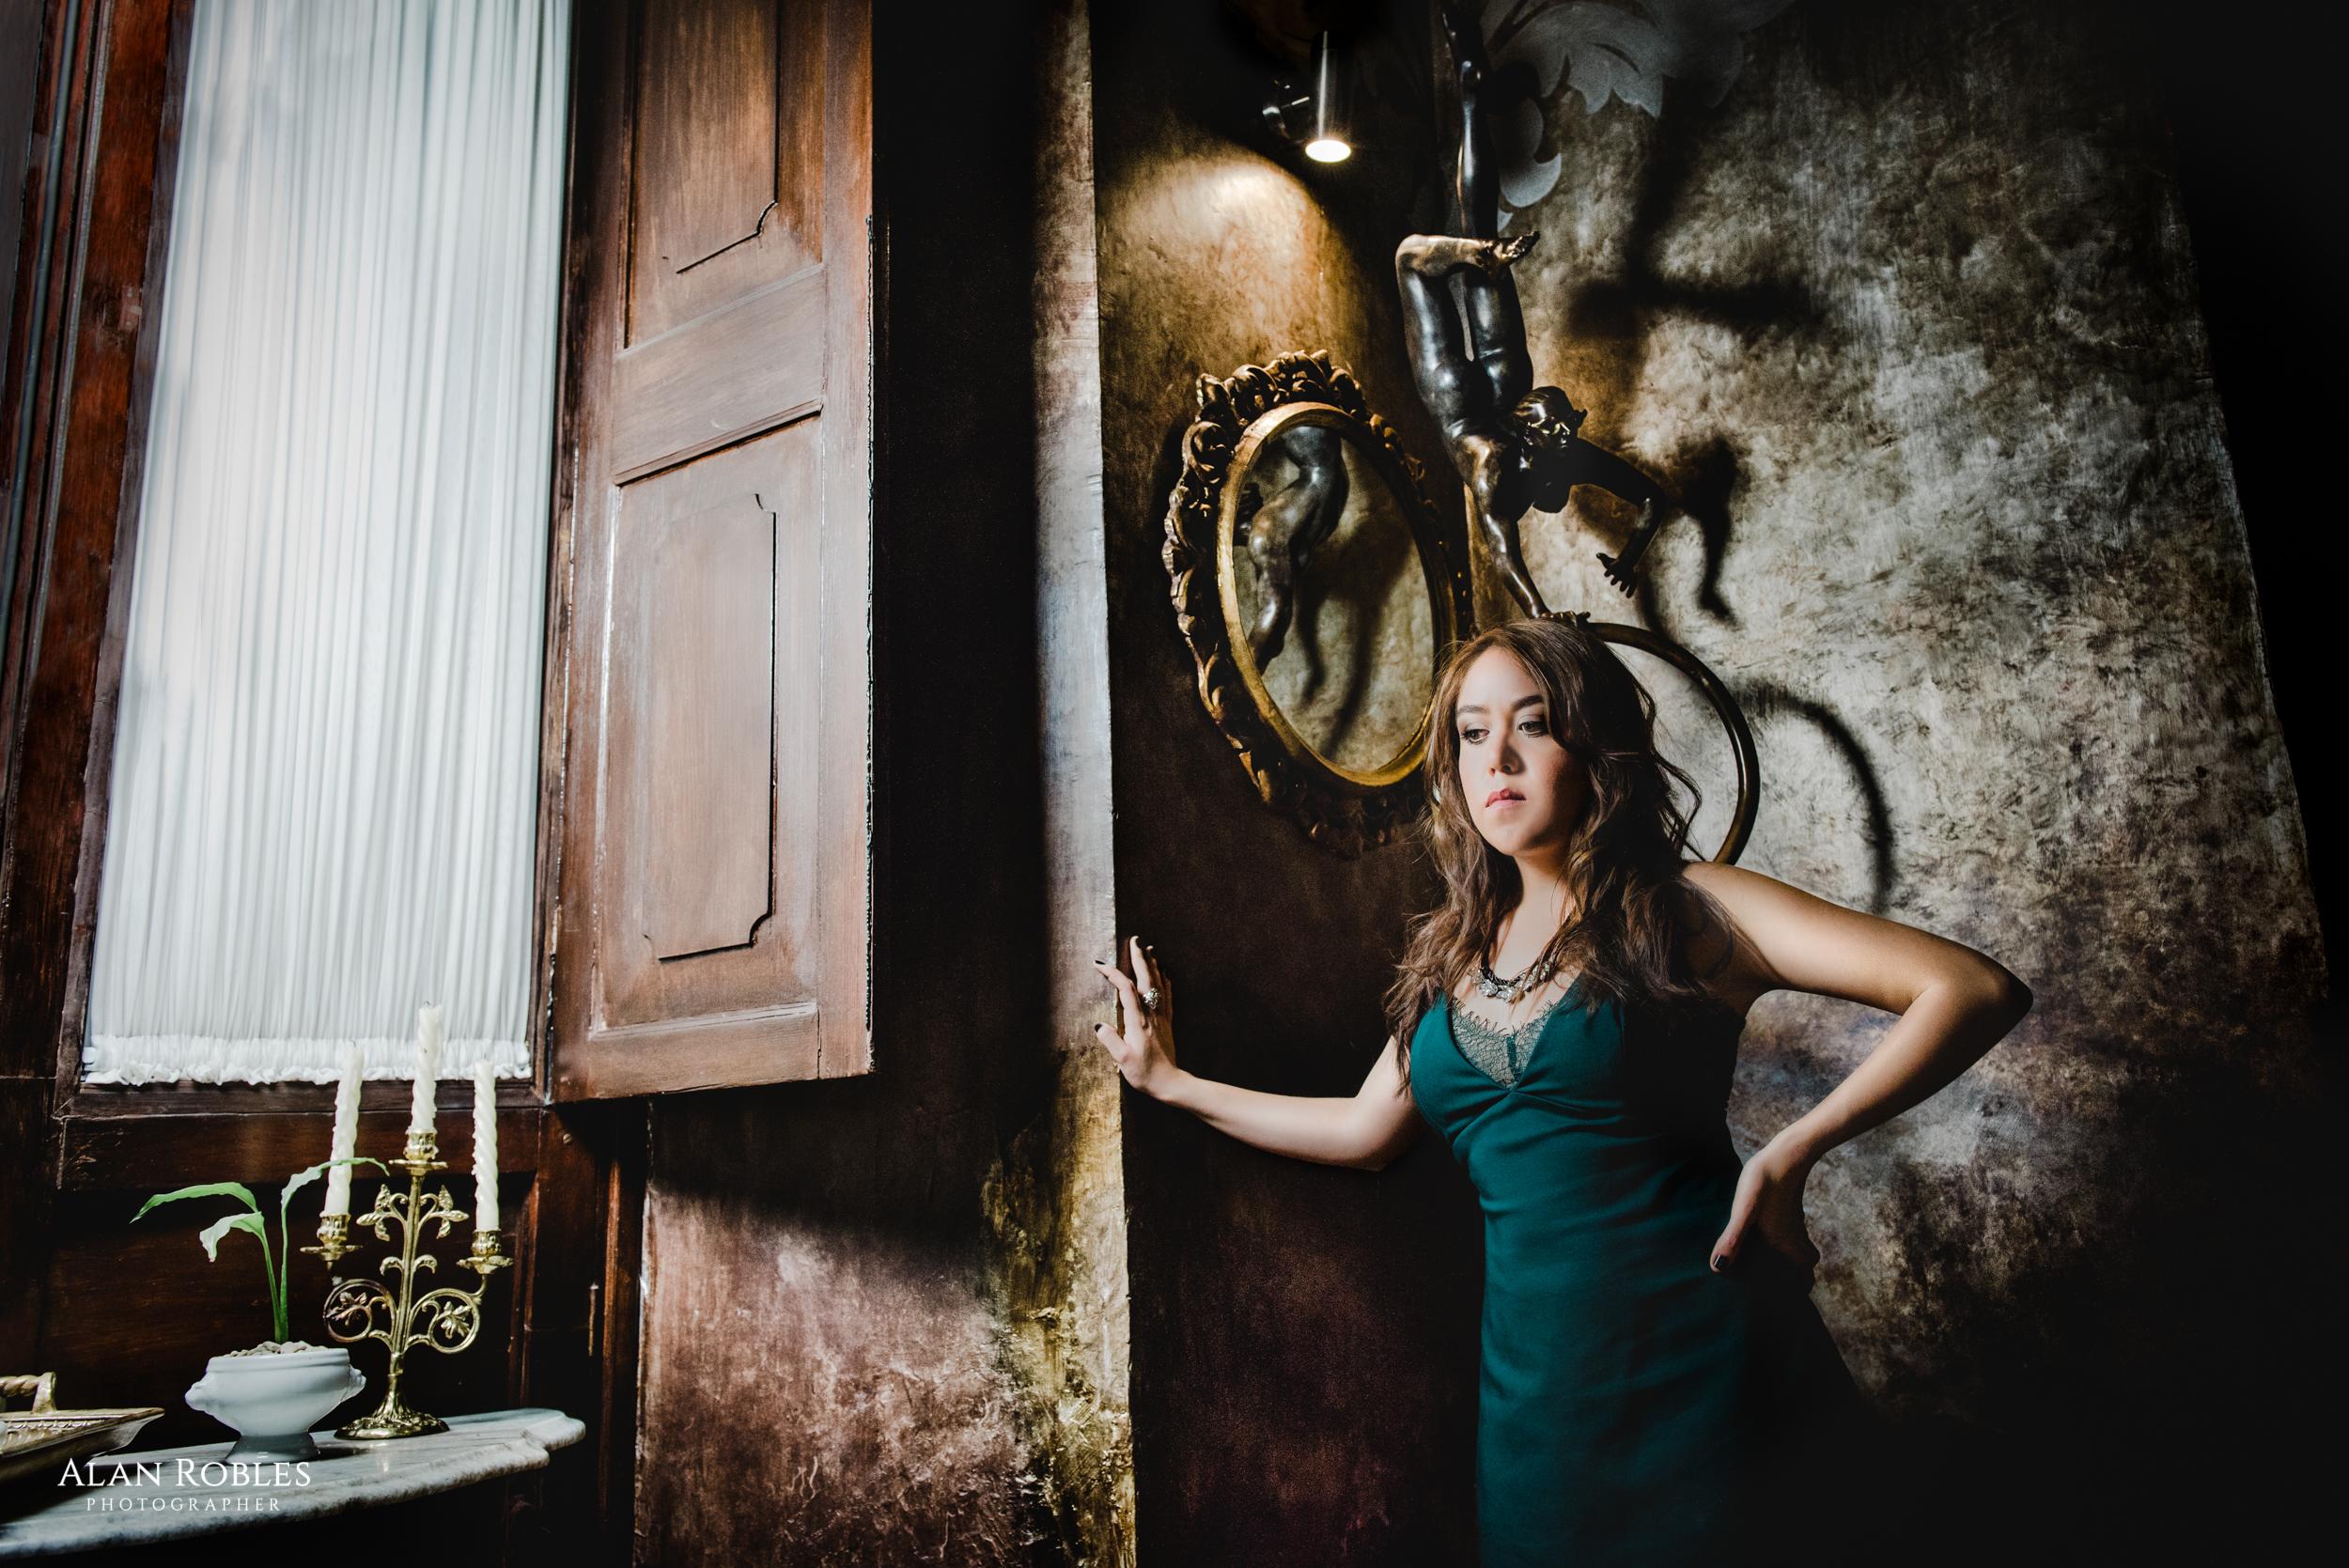 Recepcion en Hotel Casa Pedro Loza - Sesion fotografica con Very Nice Musica - Fotografo Alan Robles